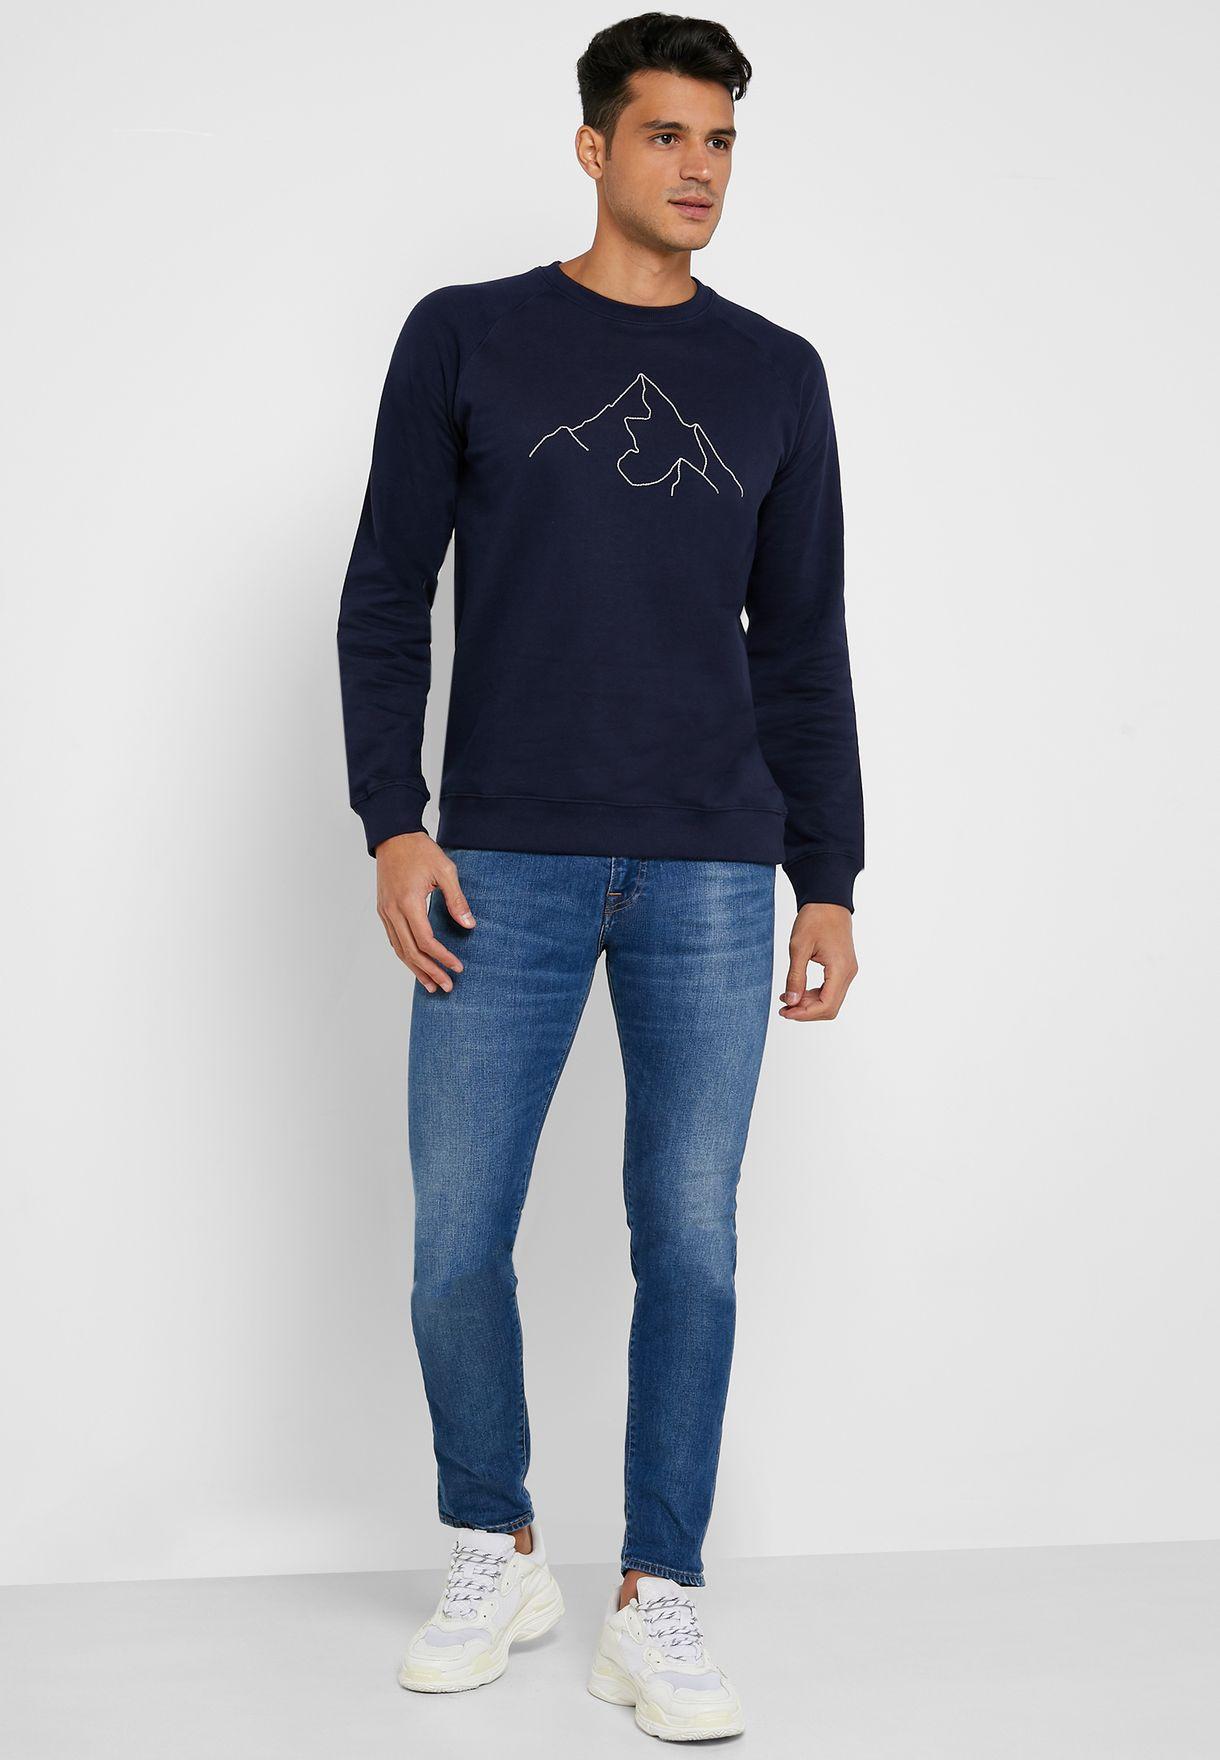 Mountain Print Sweatshirt